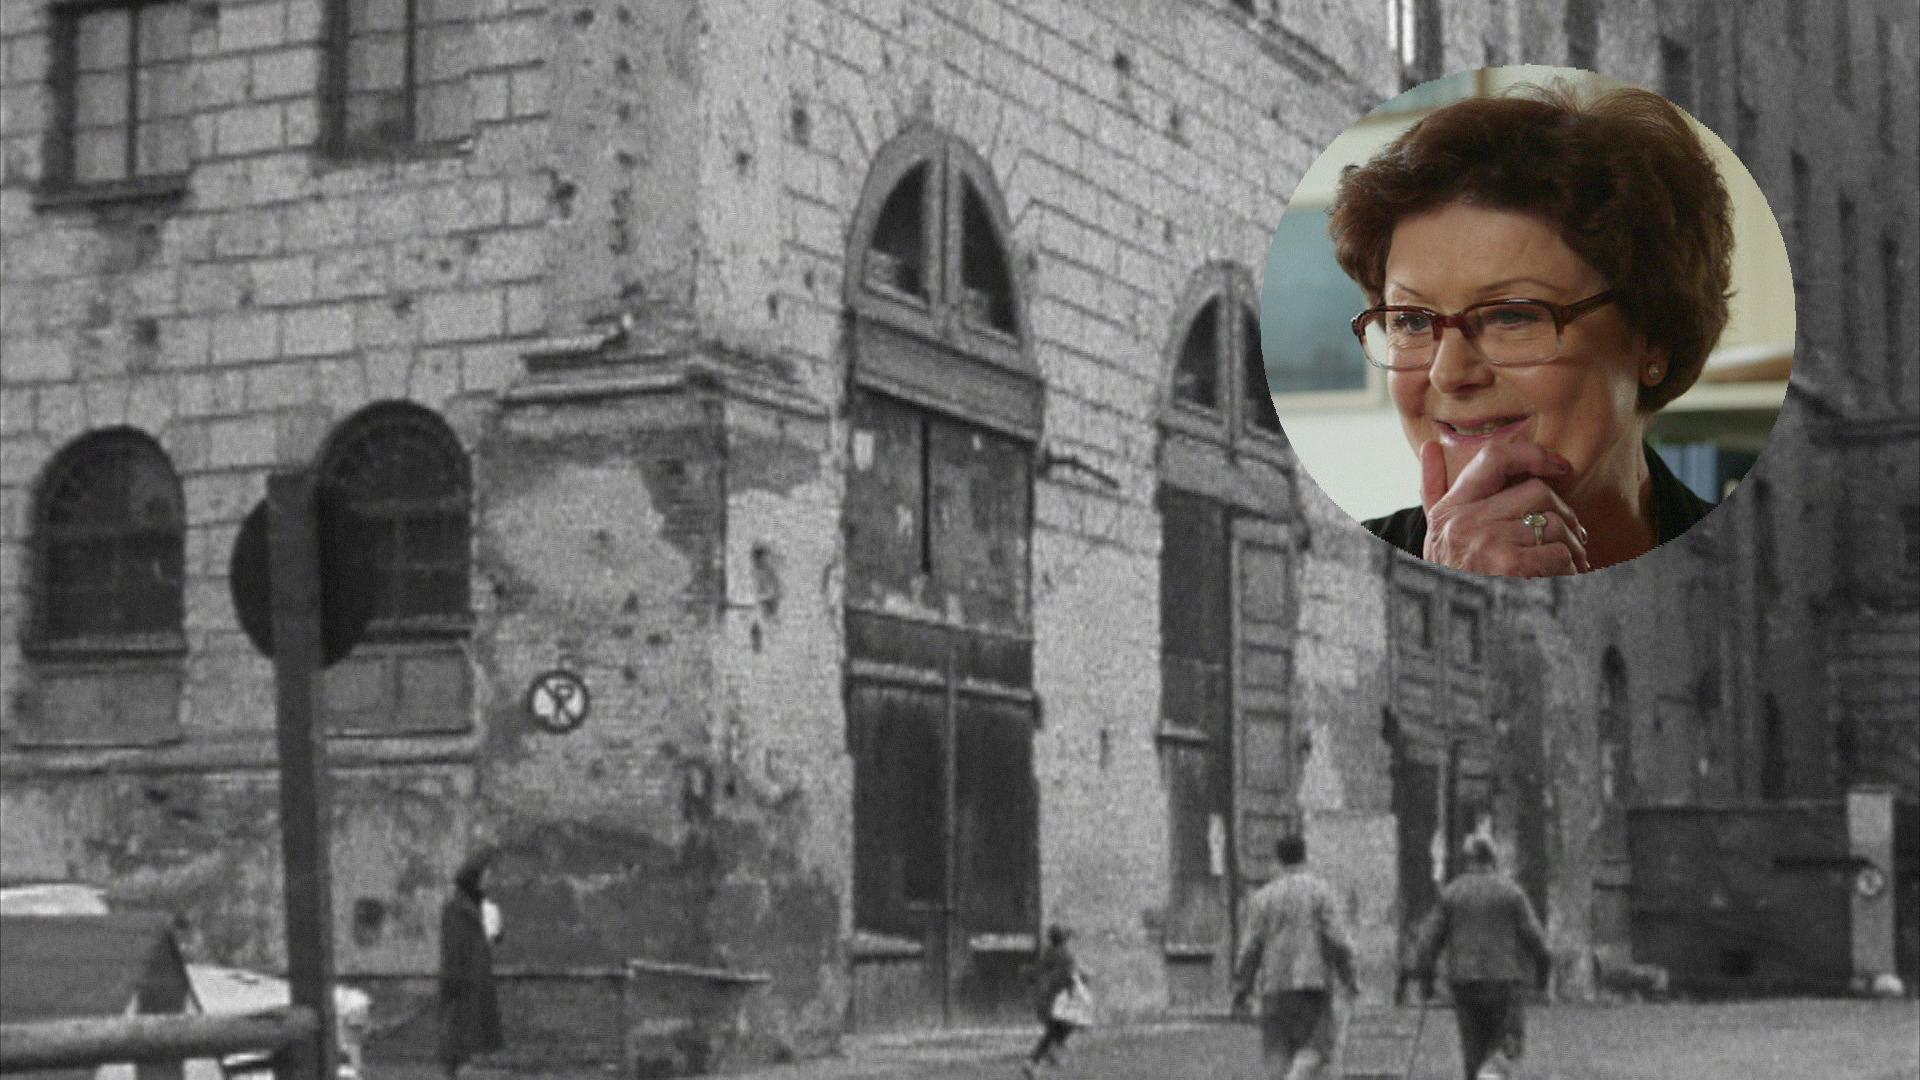 """Filmstill aus """"Mit den Füßen fängt es an – Ein Tag beim Ballett der Bayerischen Staatsoper"""". Das Münchner Nationaltheater 1955 mit Bombenschäden. Eingeblendet ist Corinna Schott, ehemalige Ballettschülerin"""